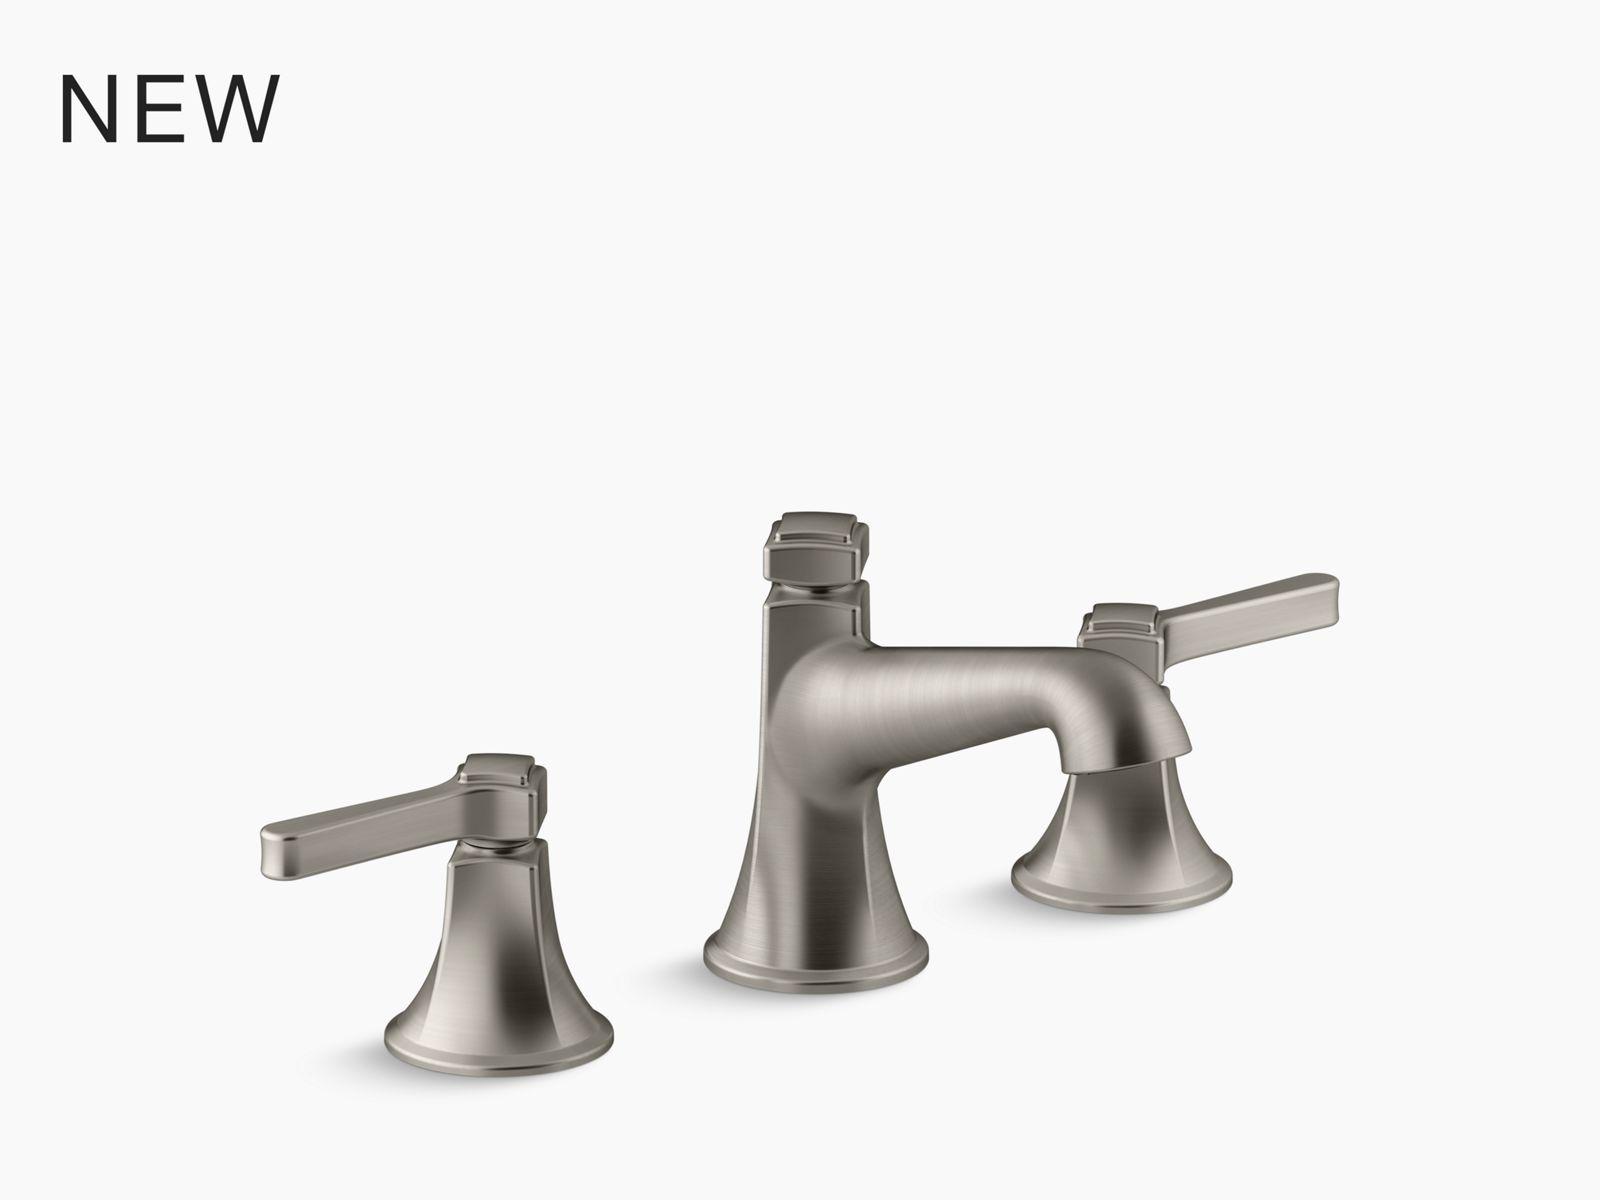 prolific 23 x 17 3 4 x 10 7 8 undermount single bowl workstation kitchen sink with accessories